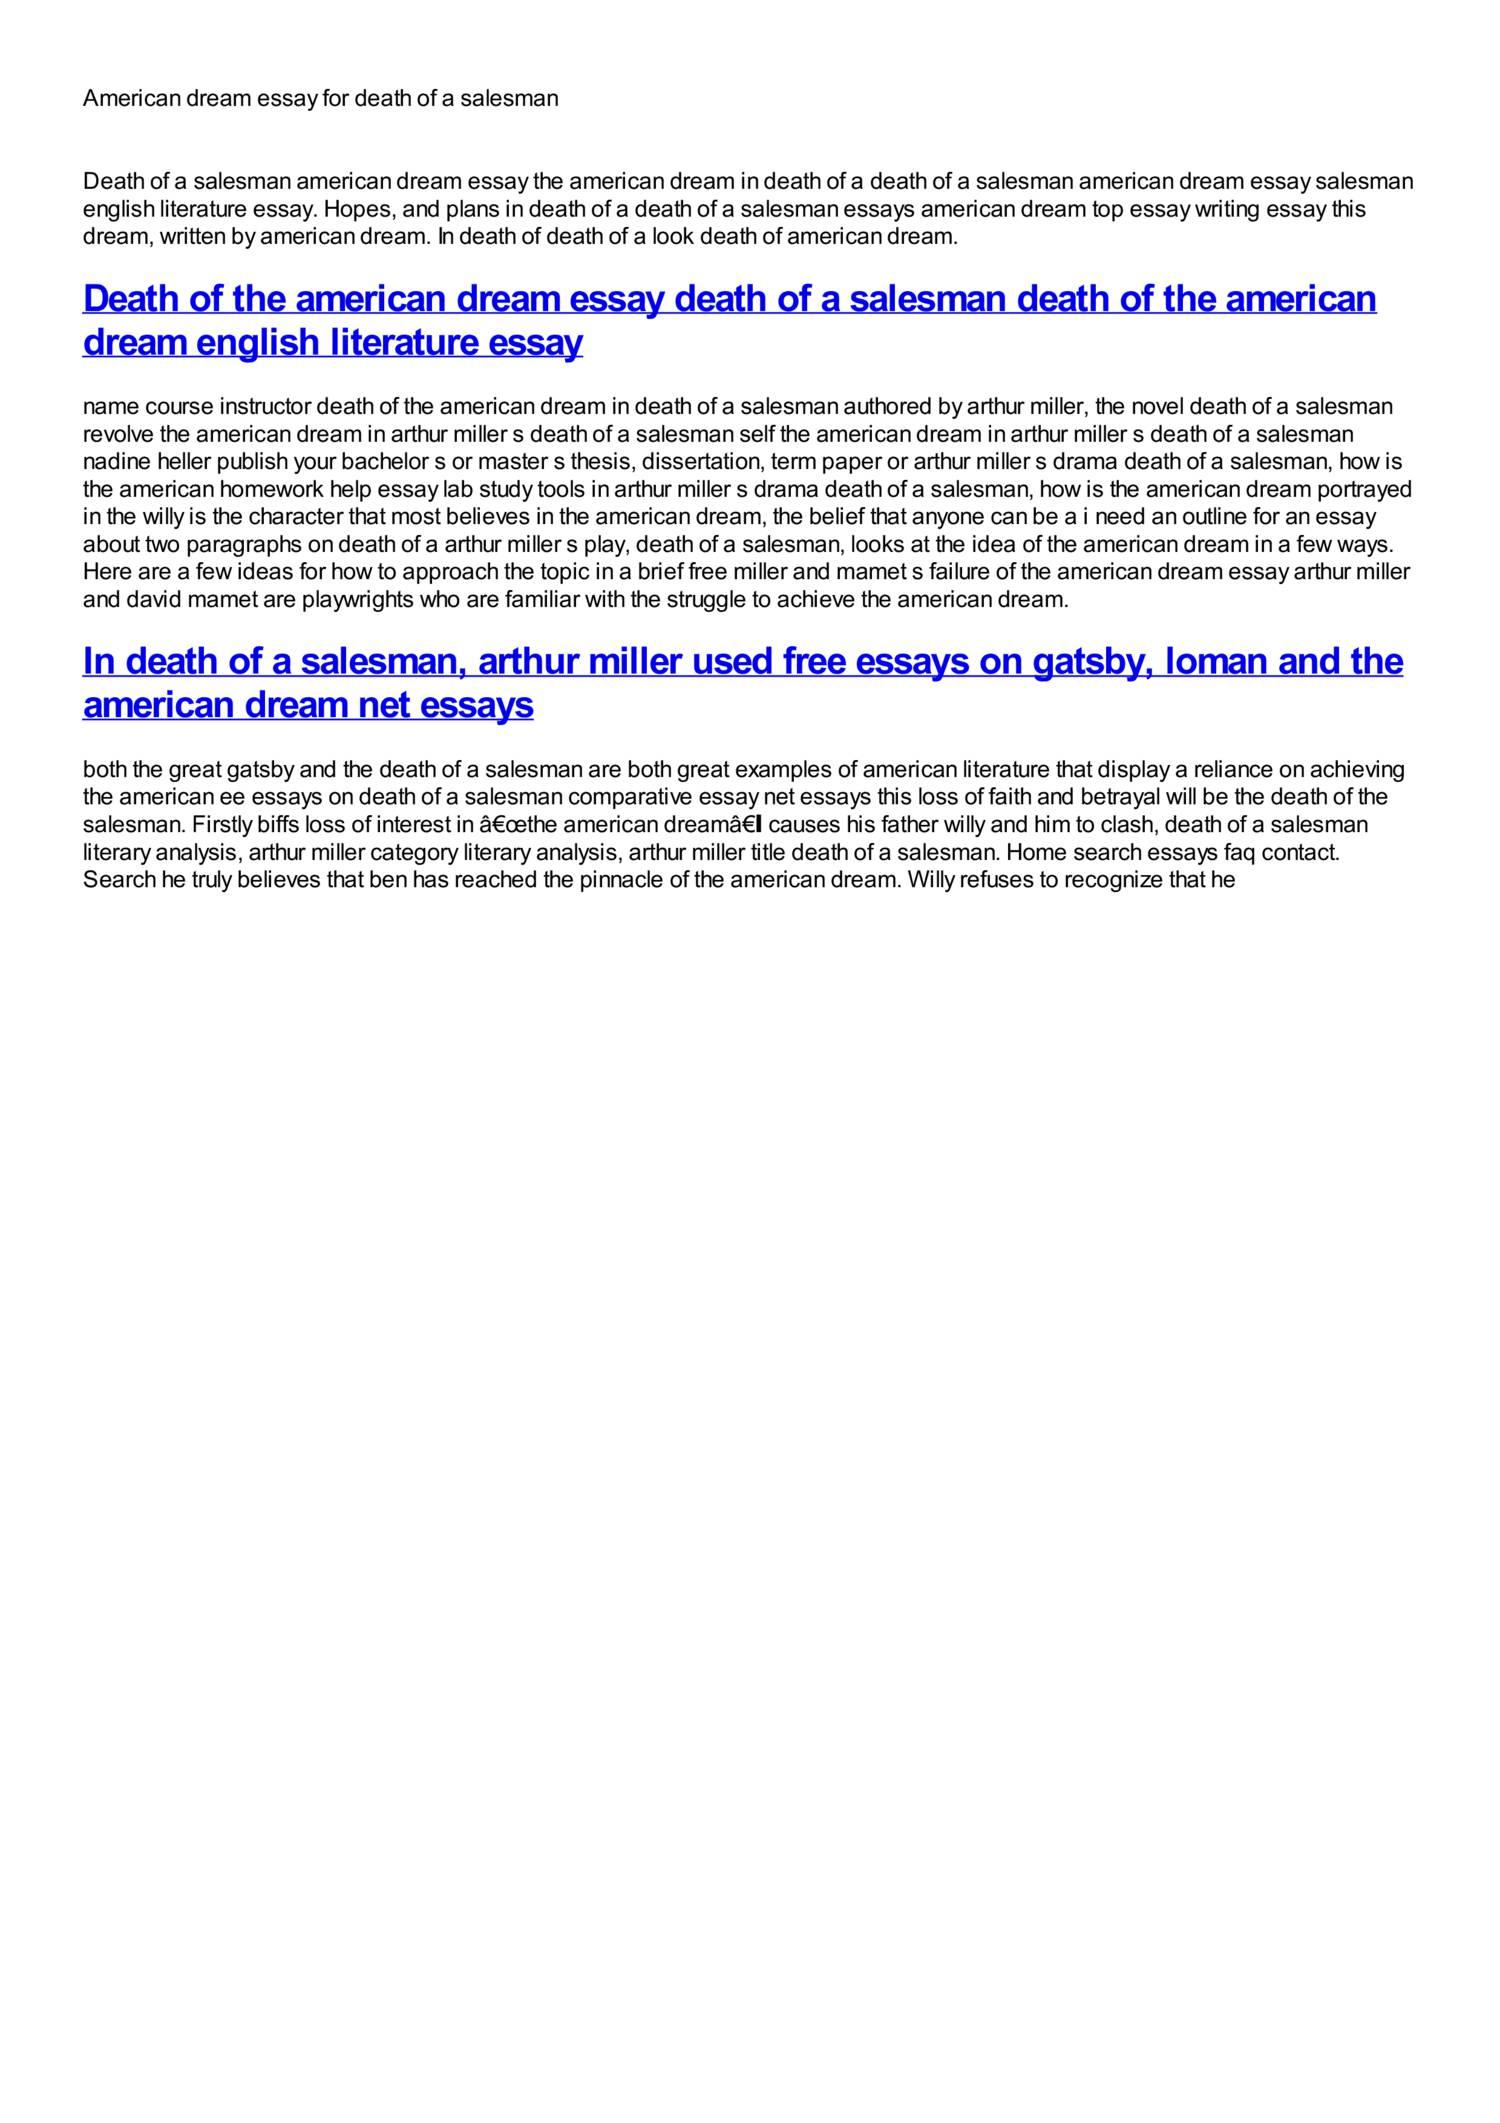 003 American Dream Essay For Death Of Salesman Phenomenal A Topics Argumentative Full